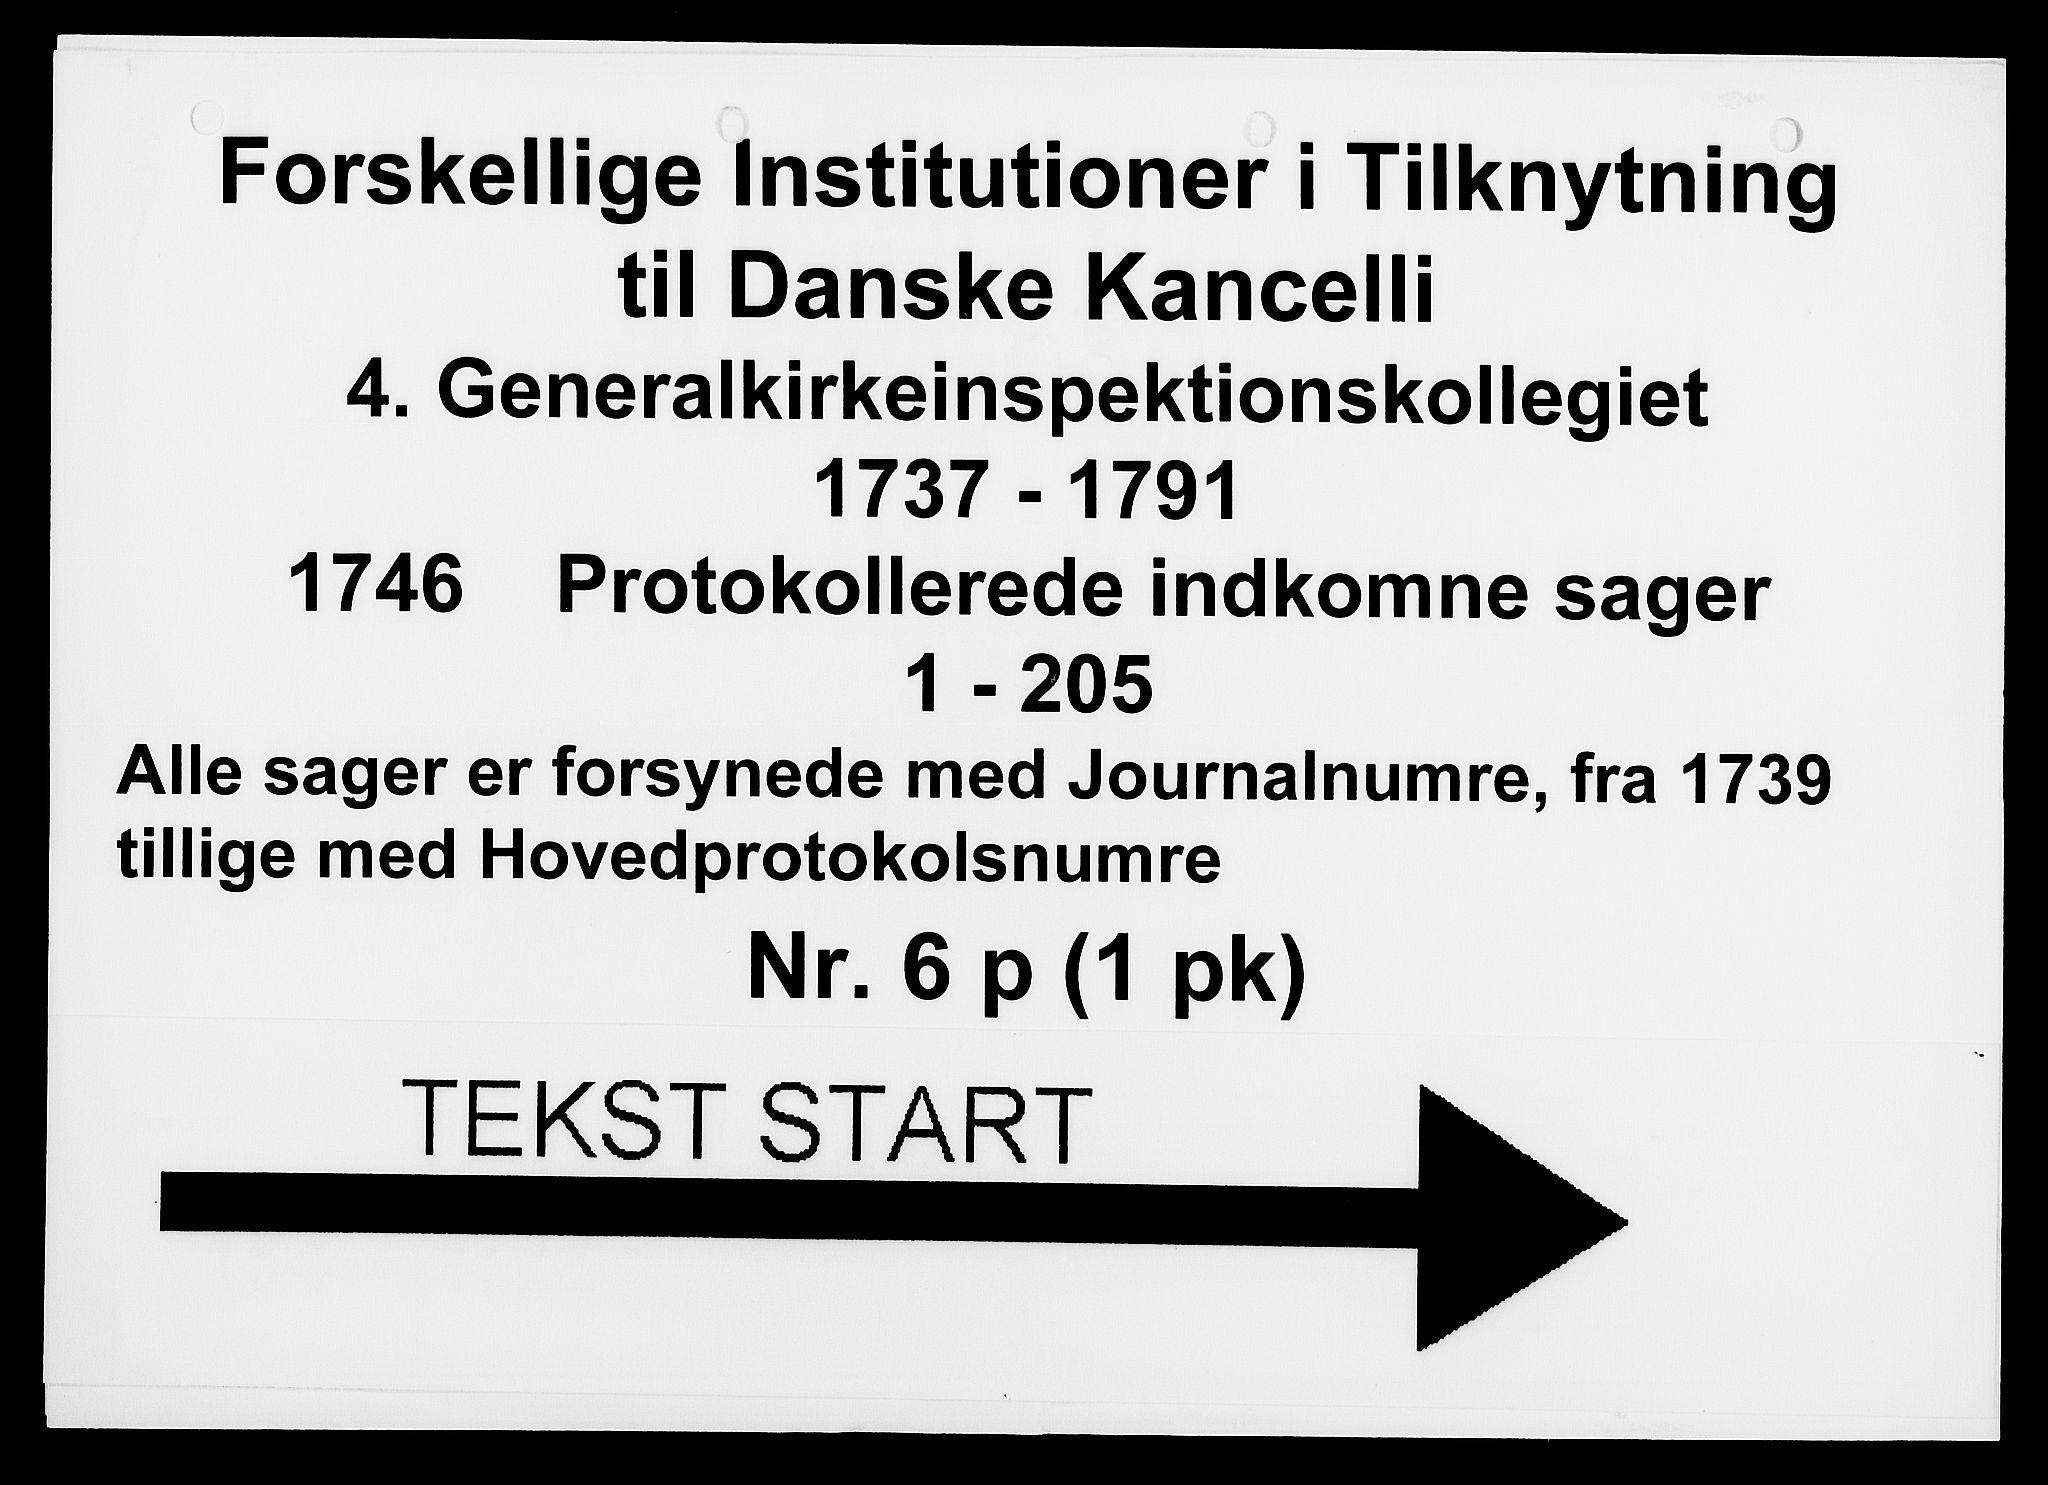 DRA, Generalkirkeinspektionskollegiet, F4-06/F4-06-16: Protokollerede indkomne sager, 1746